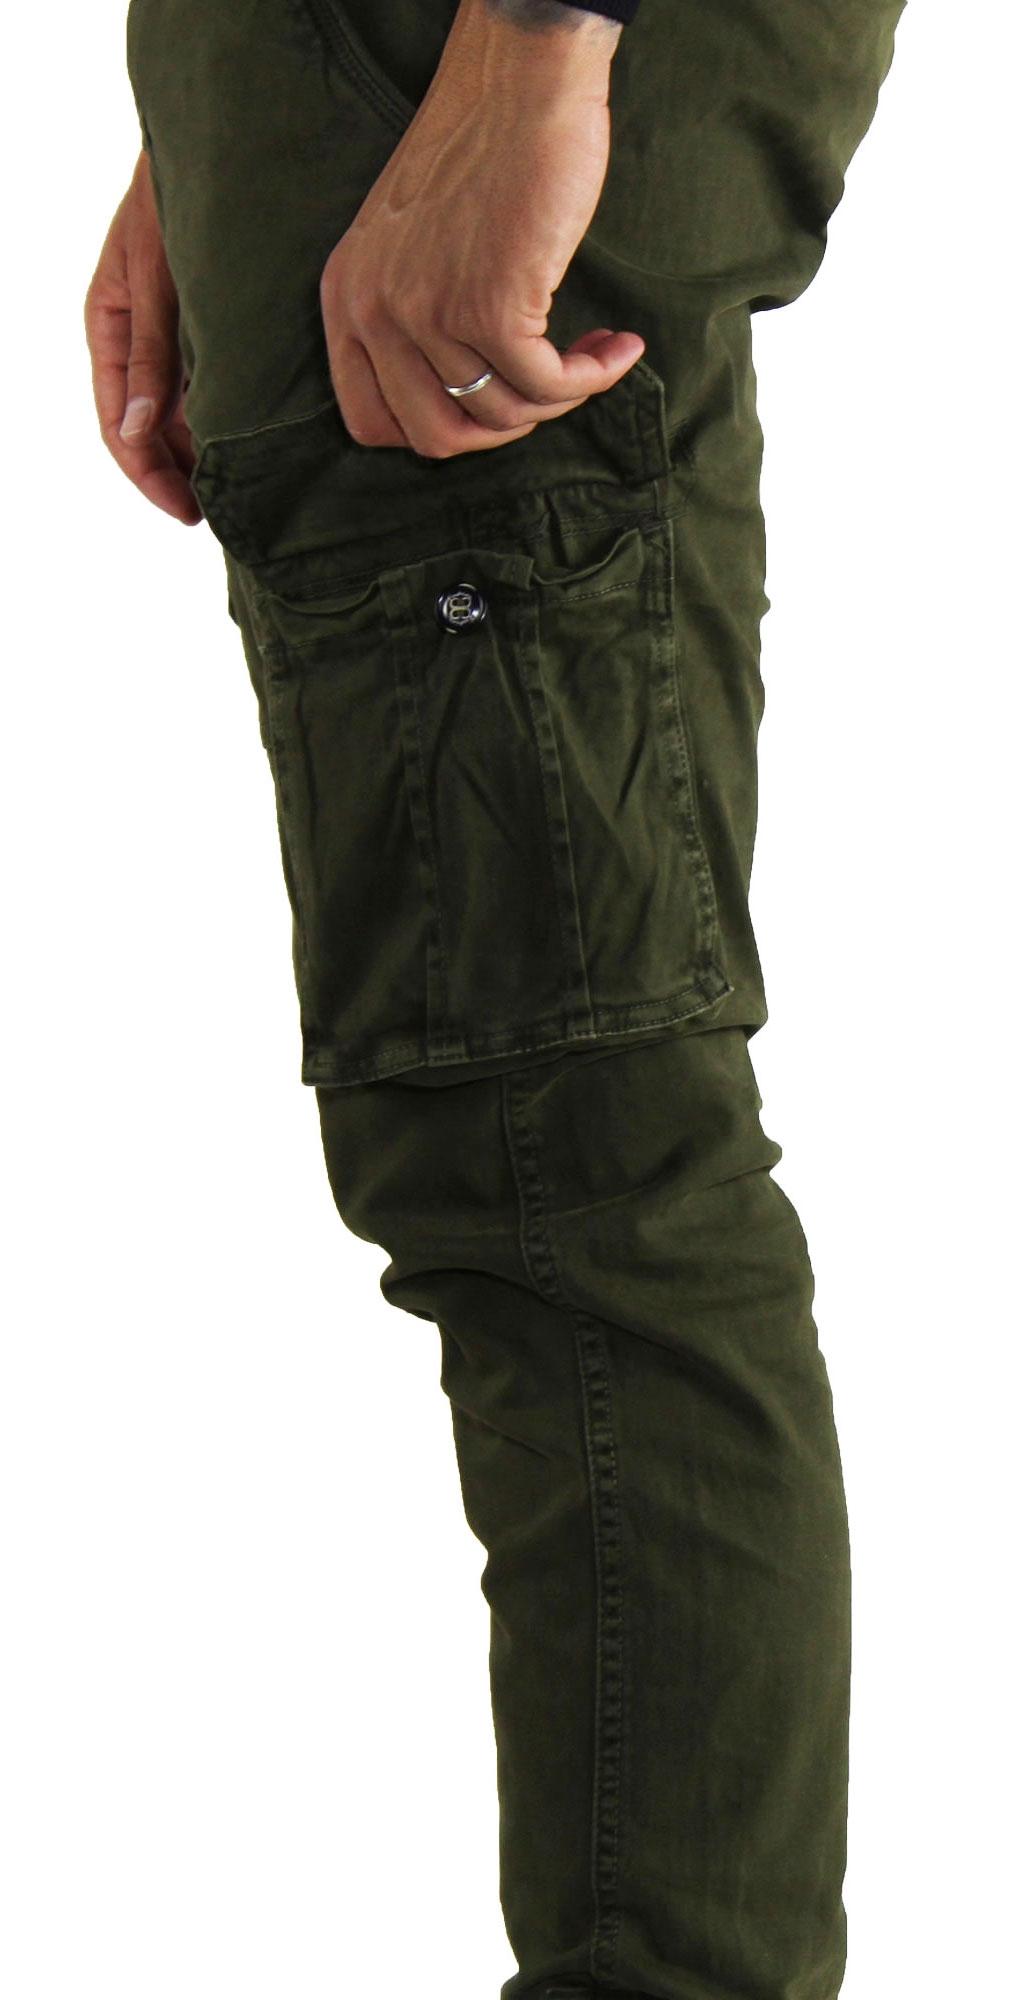 Pantaloni-Cargo-Uomo-Tasche-Laterali-Invernali-Cotone-Slim-Fit-Tasconi-Casual miniatura 12